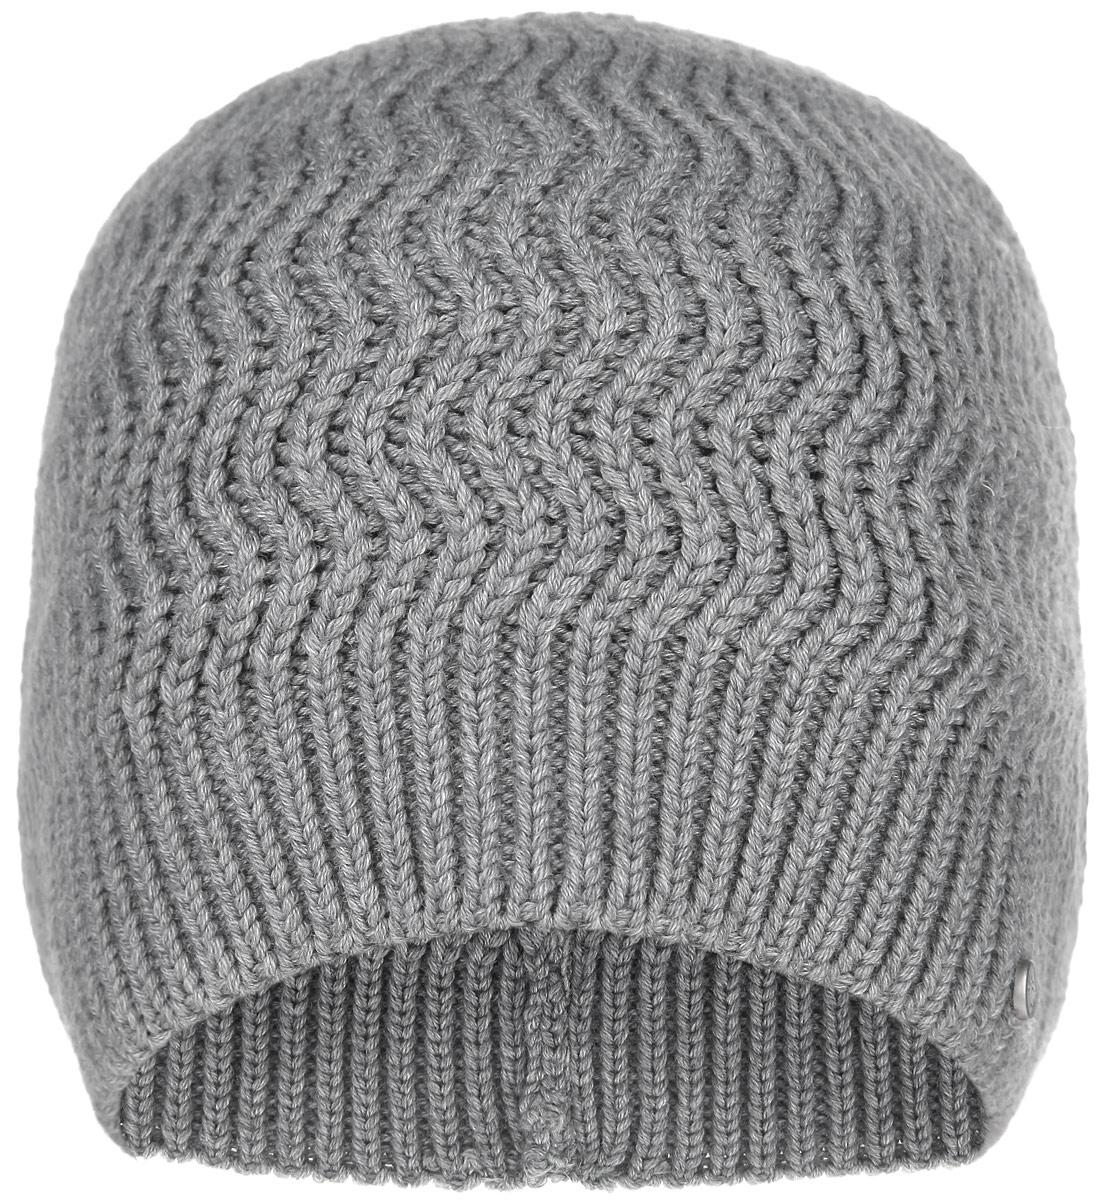 Шапка мужская. Ton3447830Вязаная мужская шапка Canoe - классическая полушерстяная облегающая шапка, которая отлично дополнит ваш образ в холодную погоду. Сочетание различных материалов максимально сохраняет тепло и обеспечивает удобную посадку. Все изделия проходят предварительную стирку и последующую обработку специальными составами и паром для улучшения износоустойчивости, комфорта и приятных тактильных ощущений. Модель оформлена небольшим металлическим логотипом бренда. Шапка Canoe составит идеальный комплект с модной верхней одеждой, в ней вам будет уютно и тепло!